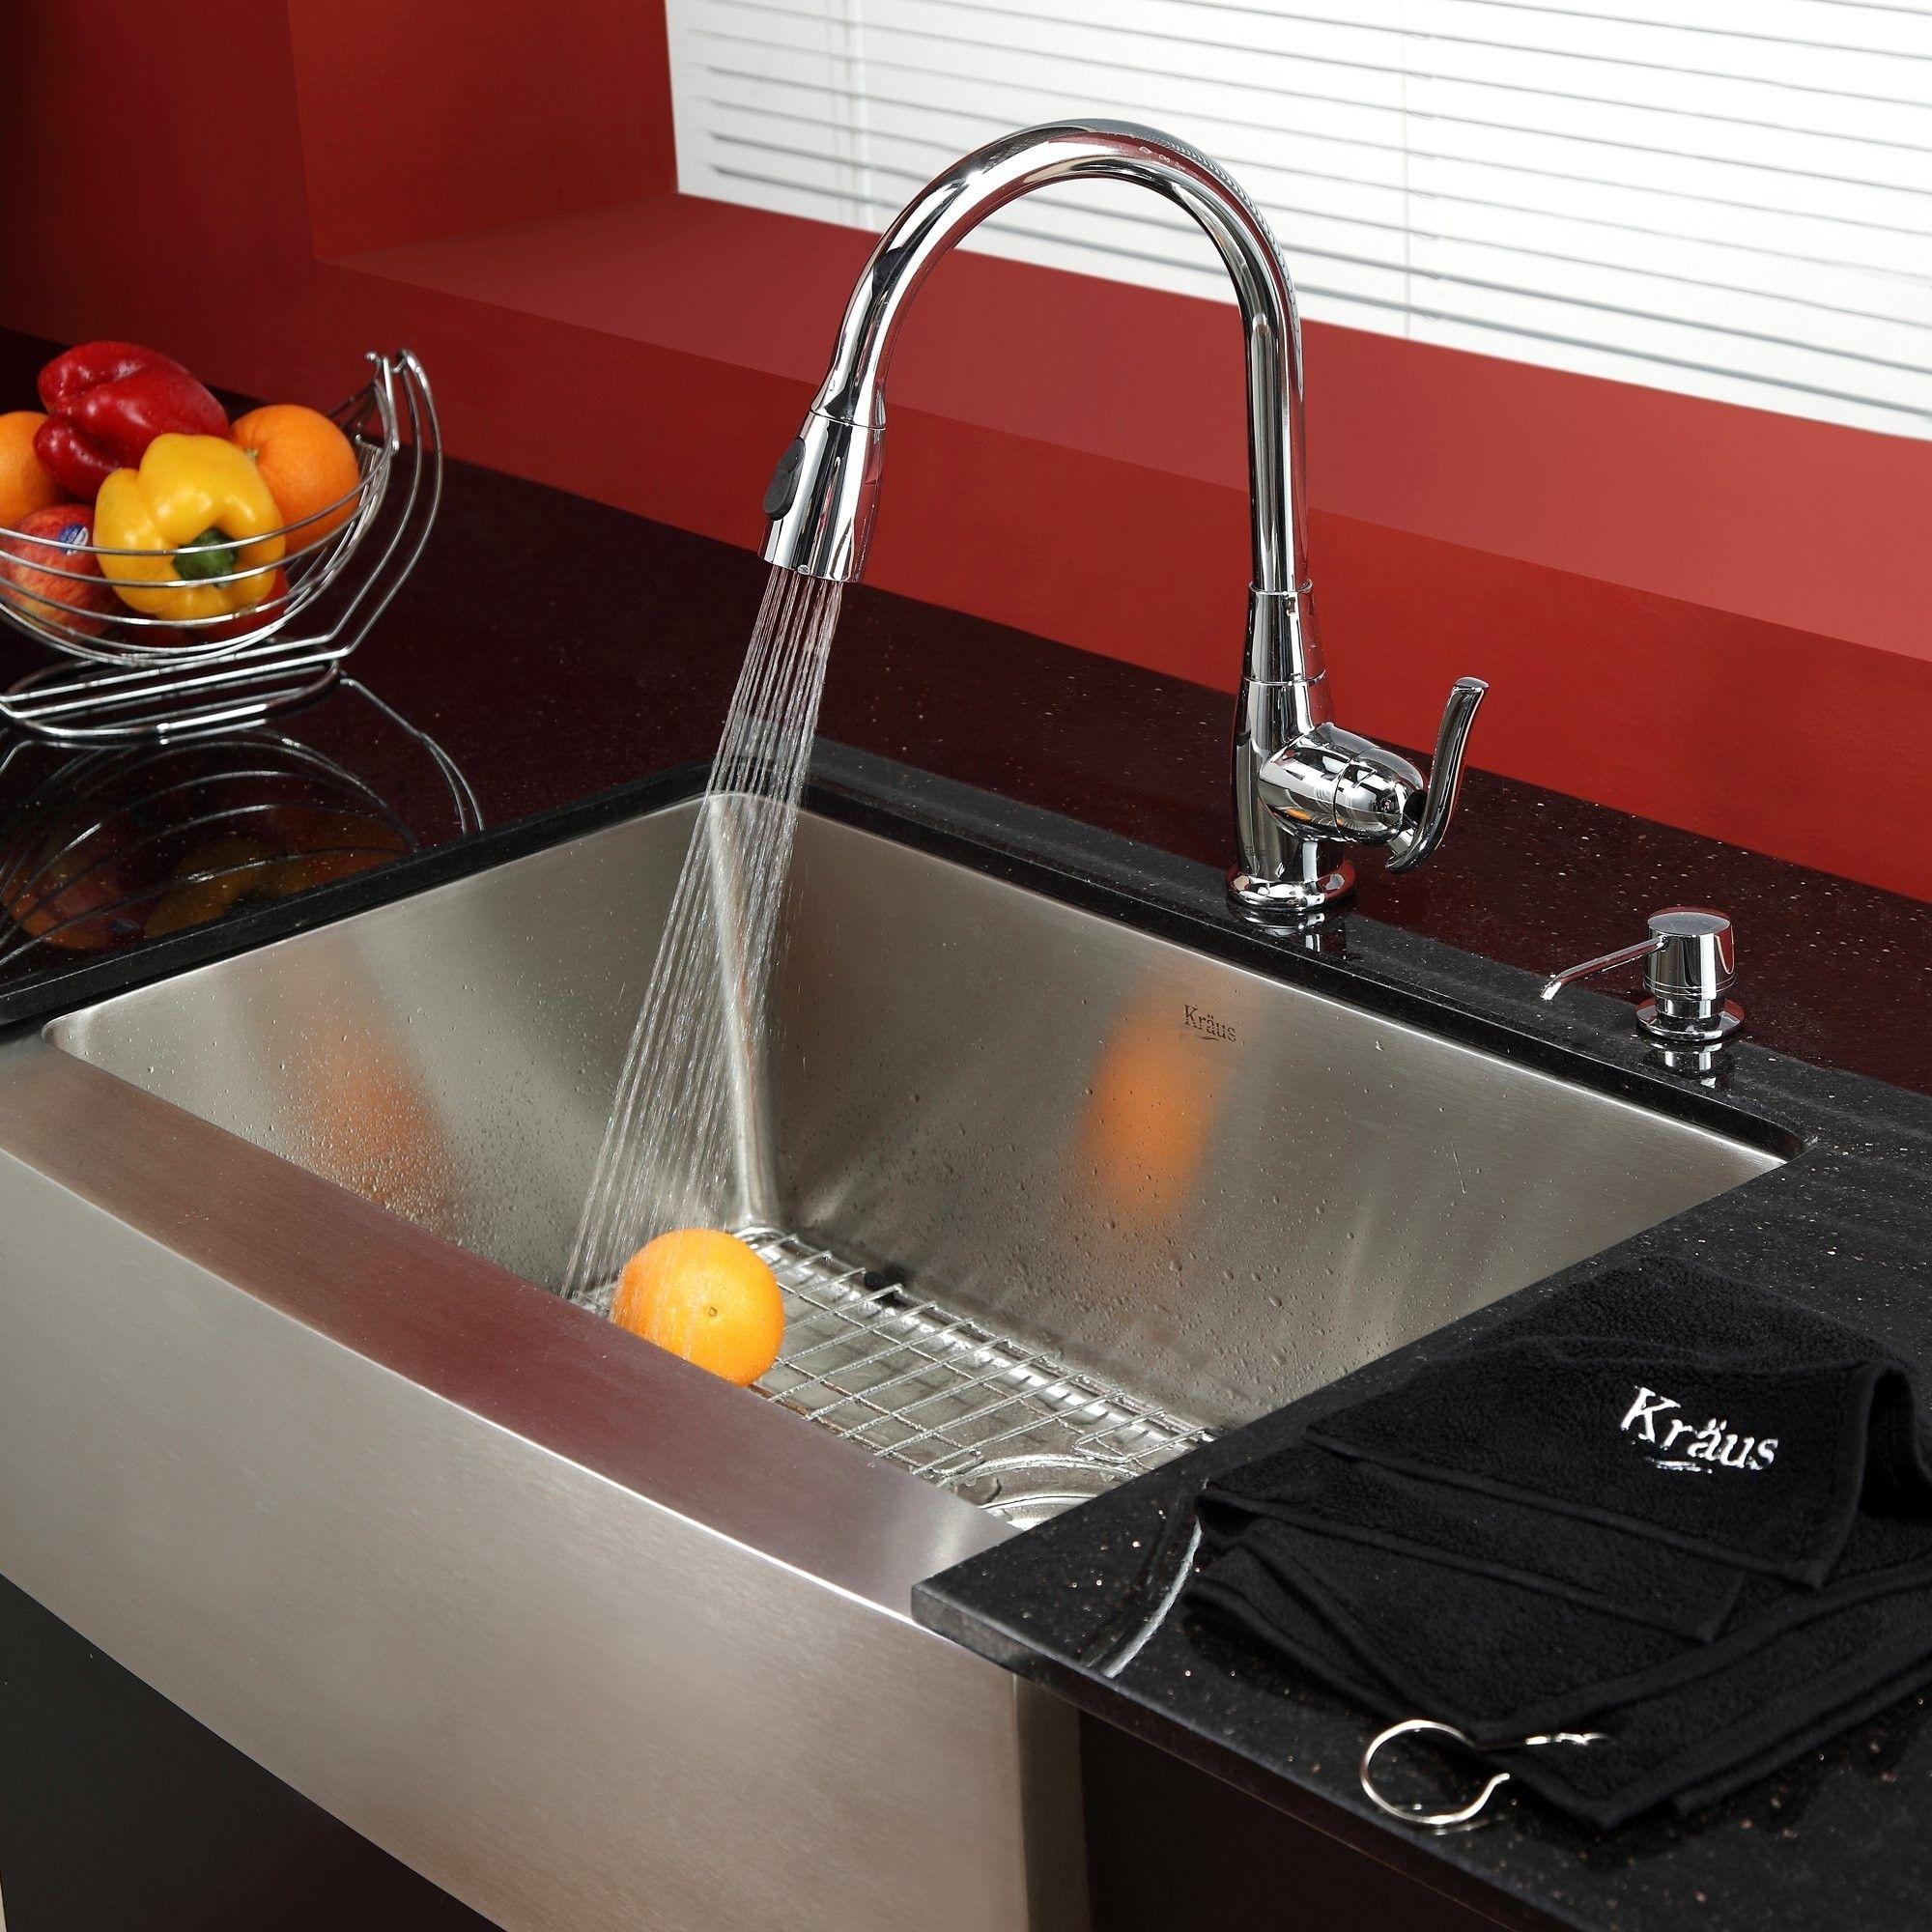 Faszinierende Moen Kuche Waschbecken Mit Bildern Kuche Waschbecken Kuchenarmaturen Waschbecken